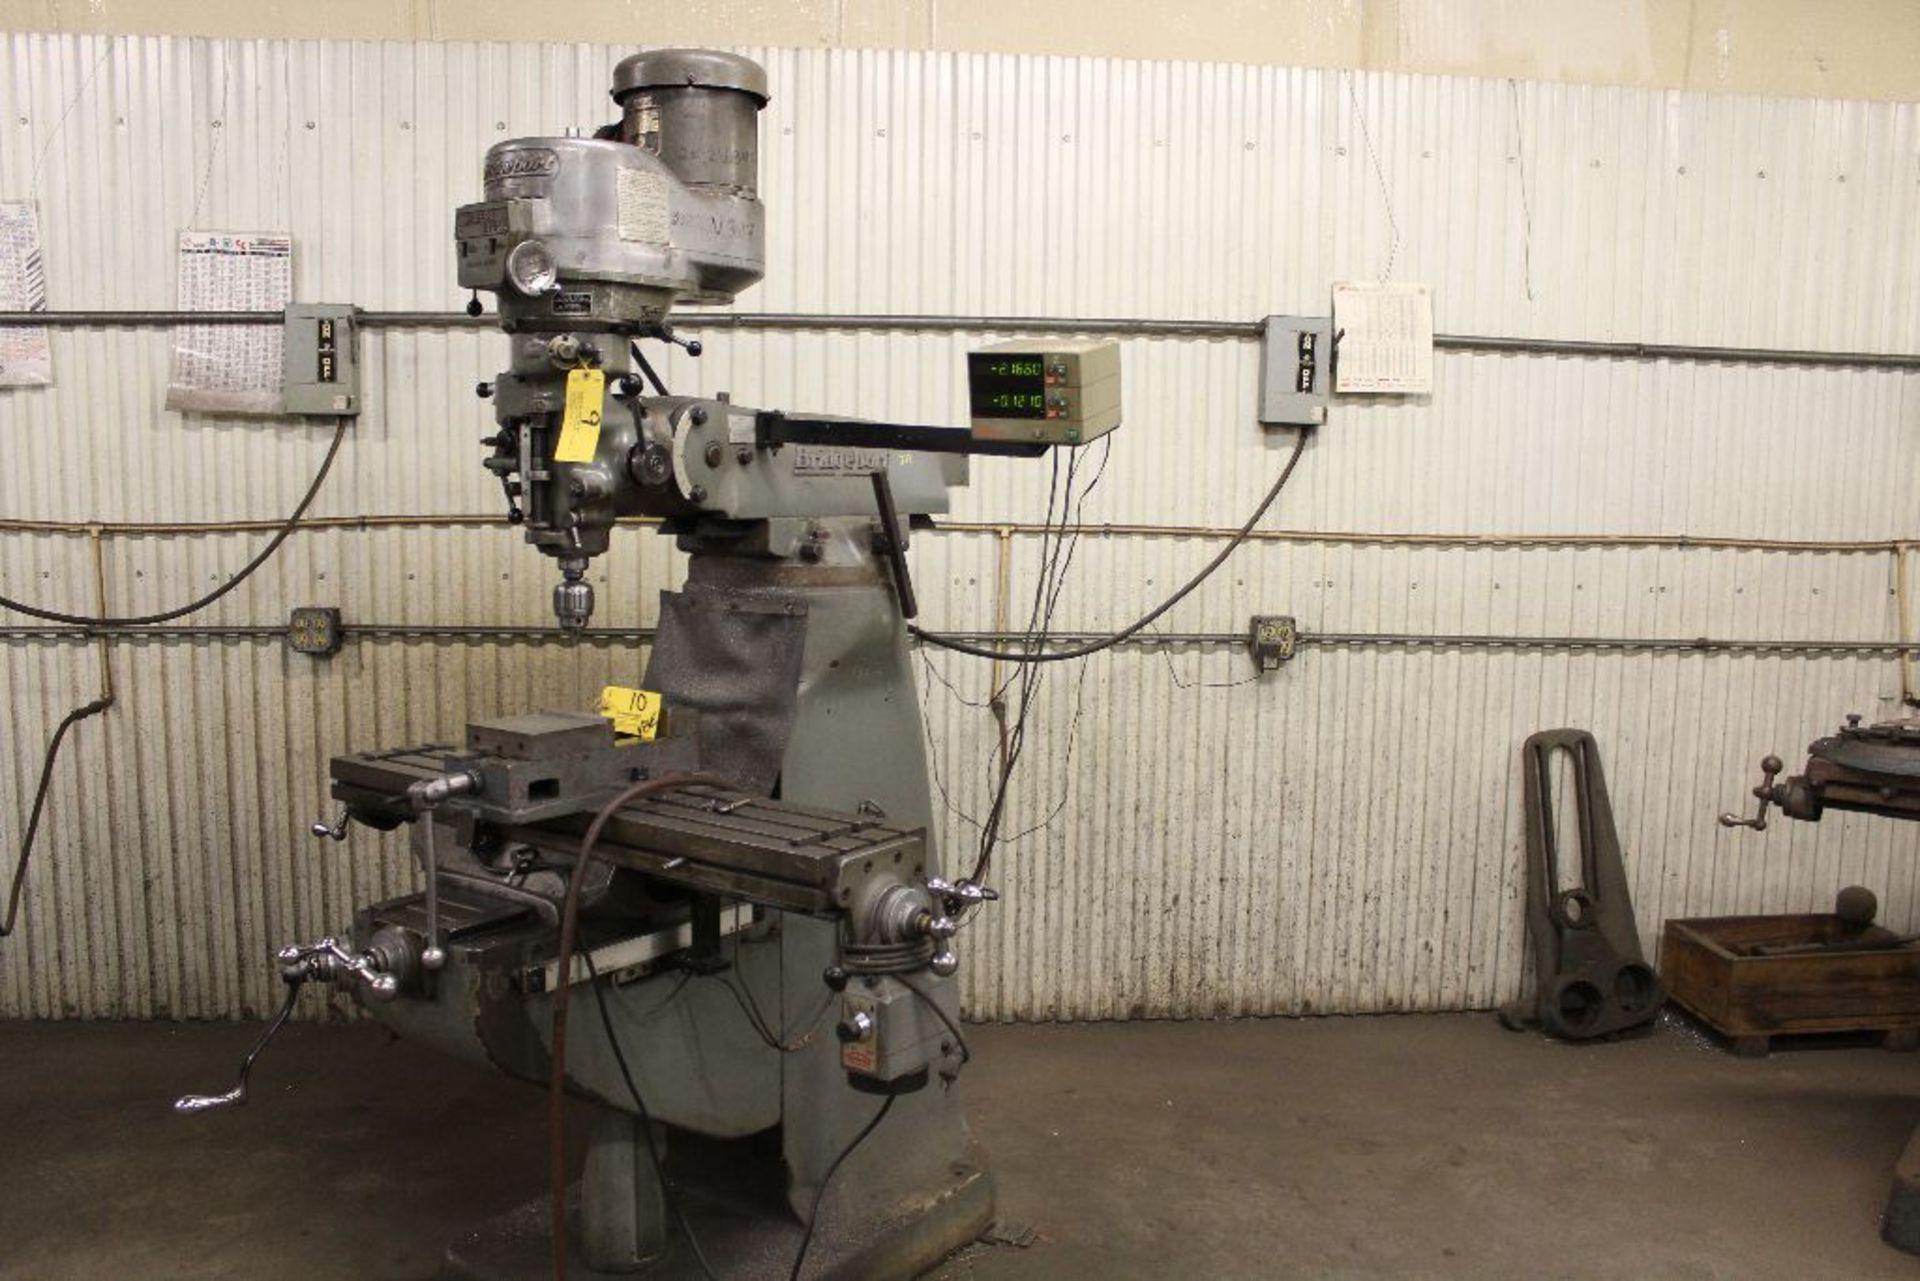 Lot 009 - Bridgeport vertical mill Series II, 2 hp, model 12BR, sn 193456, power feed, Mitutoyo digital